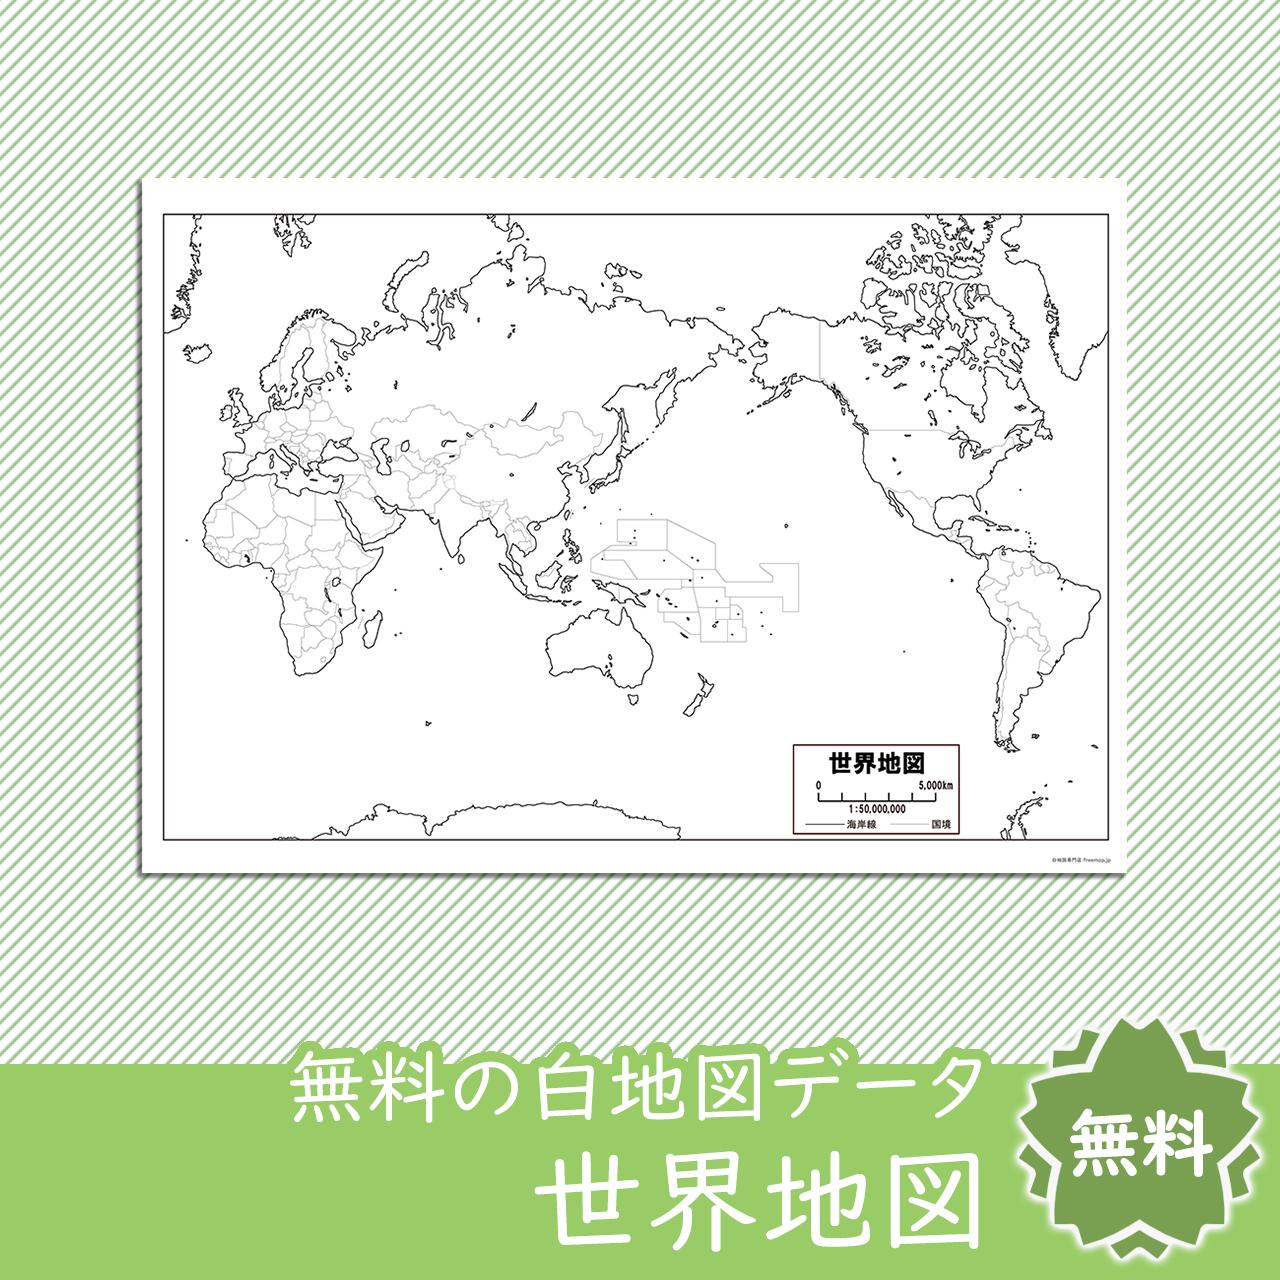 世界 地図